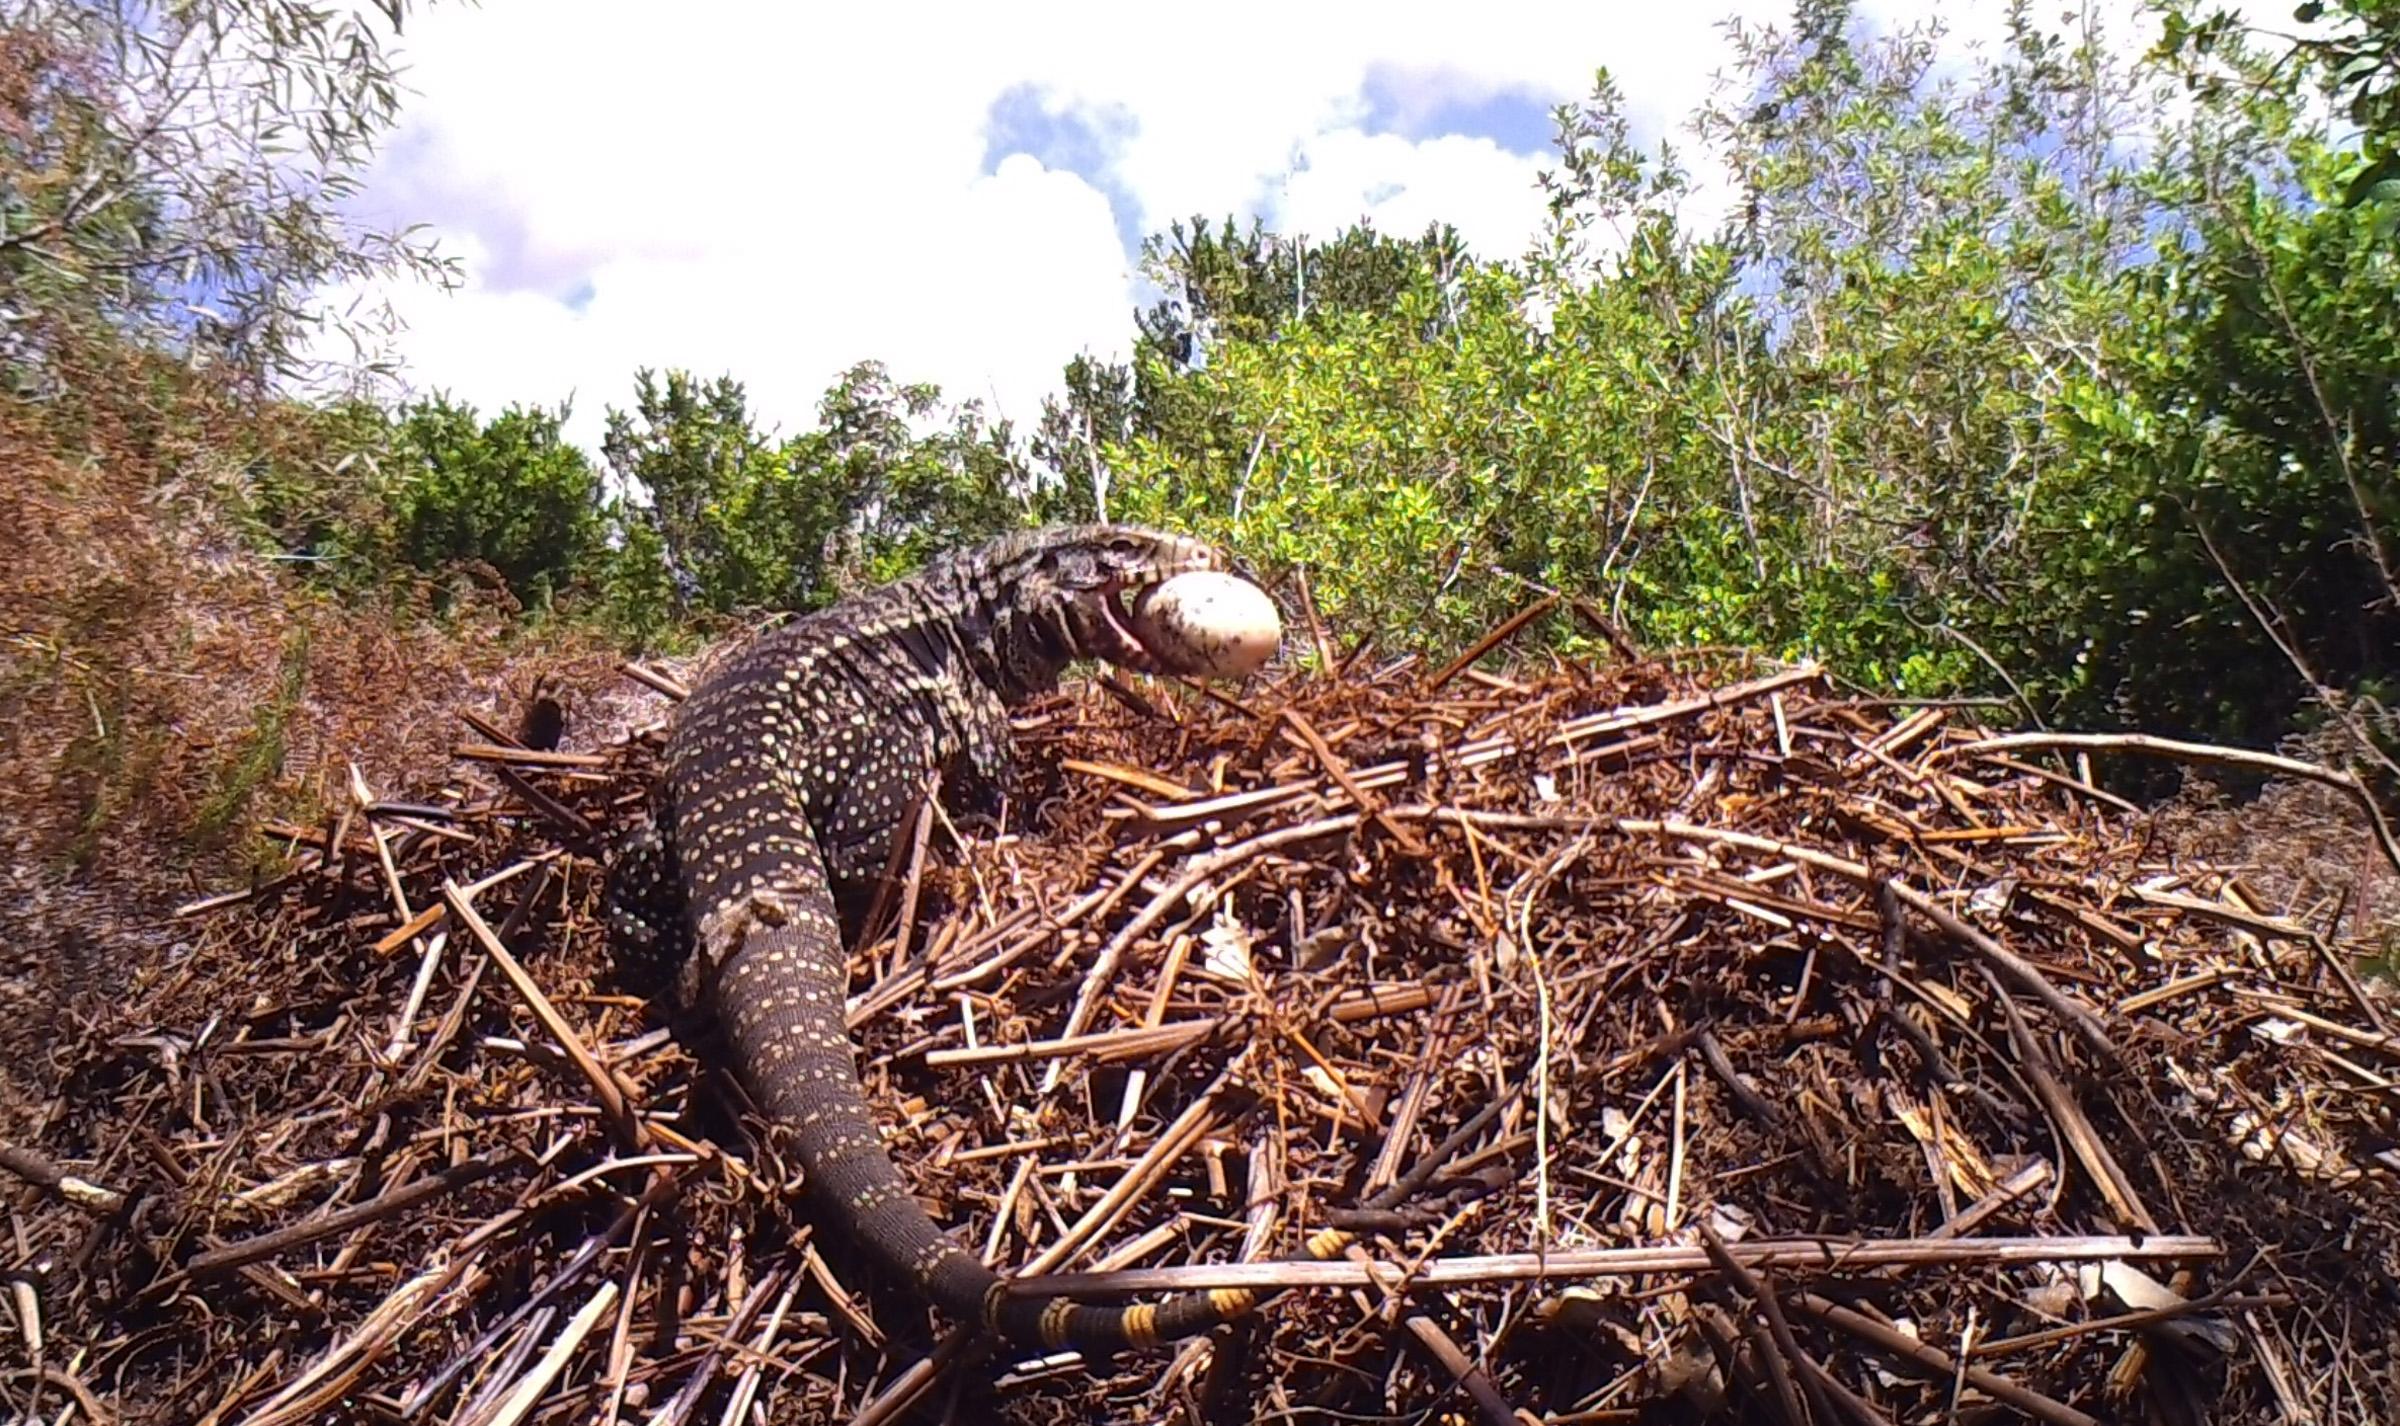 alligator eggs